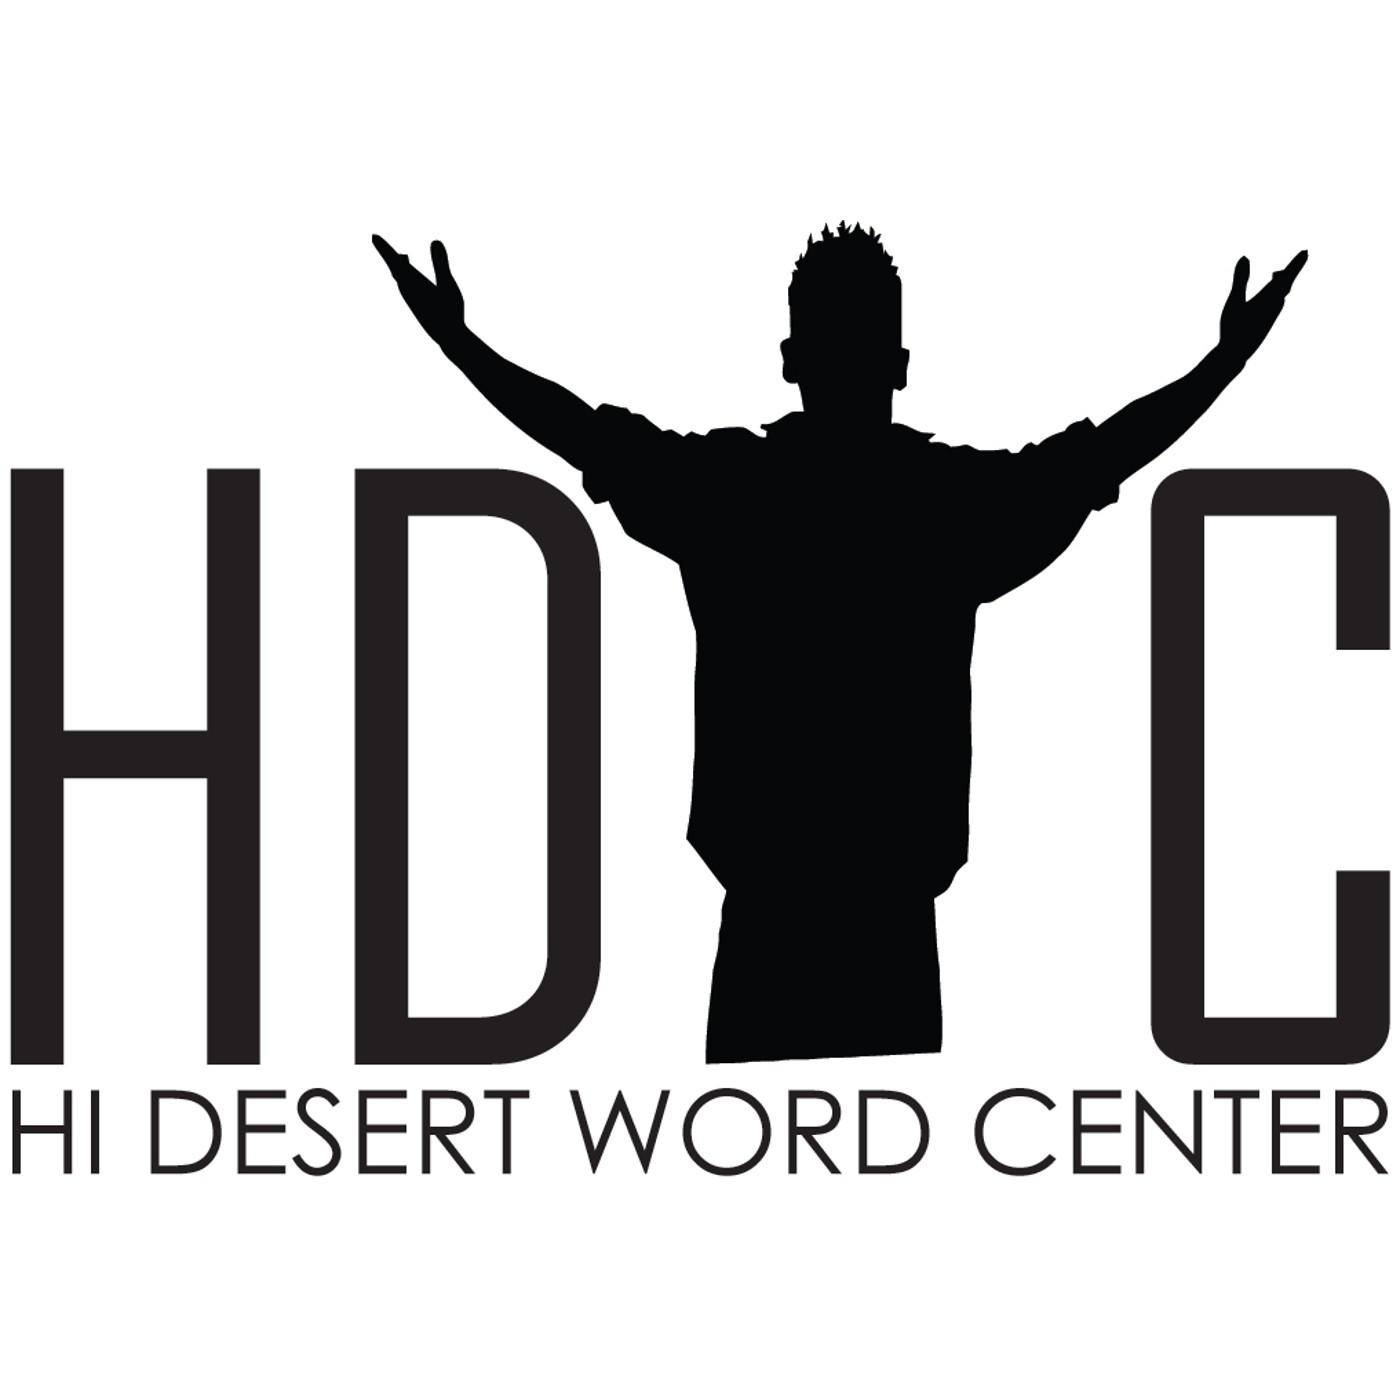 Hi Desert Word Center